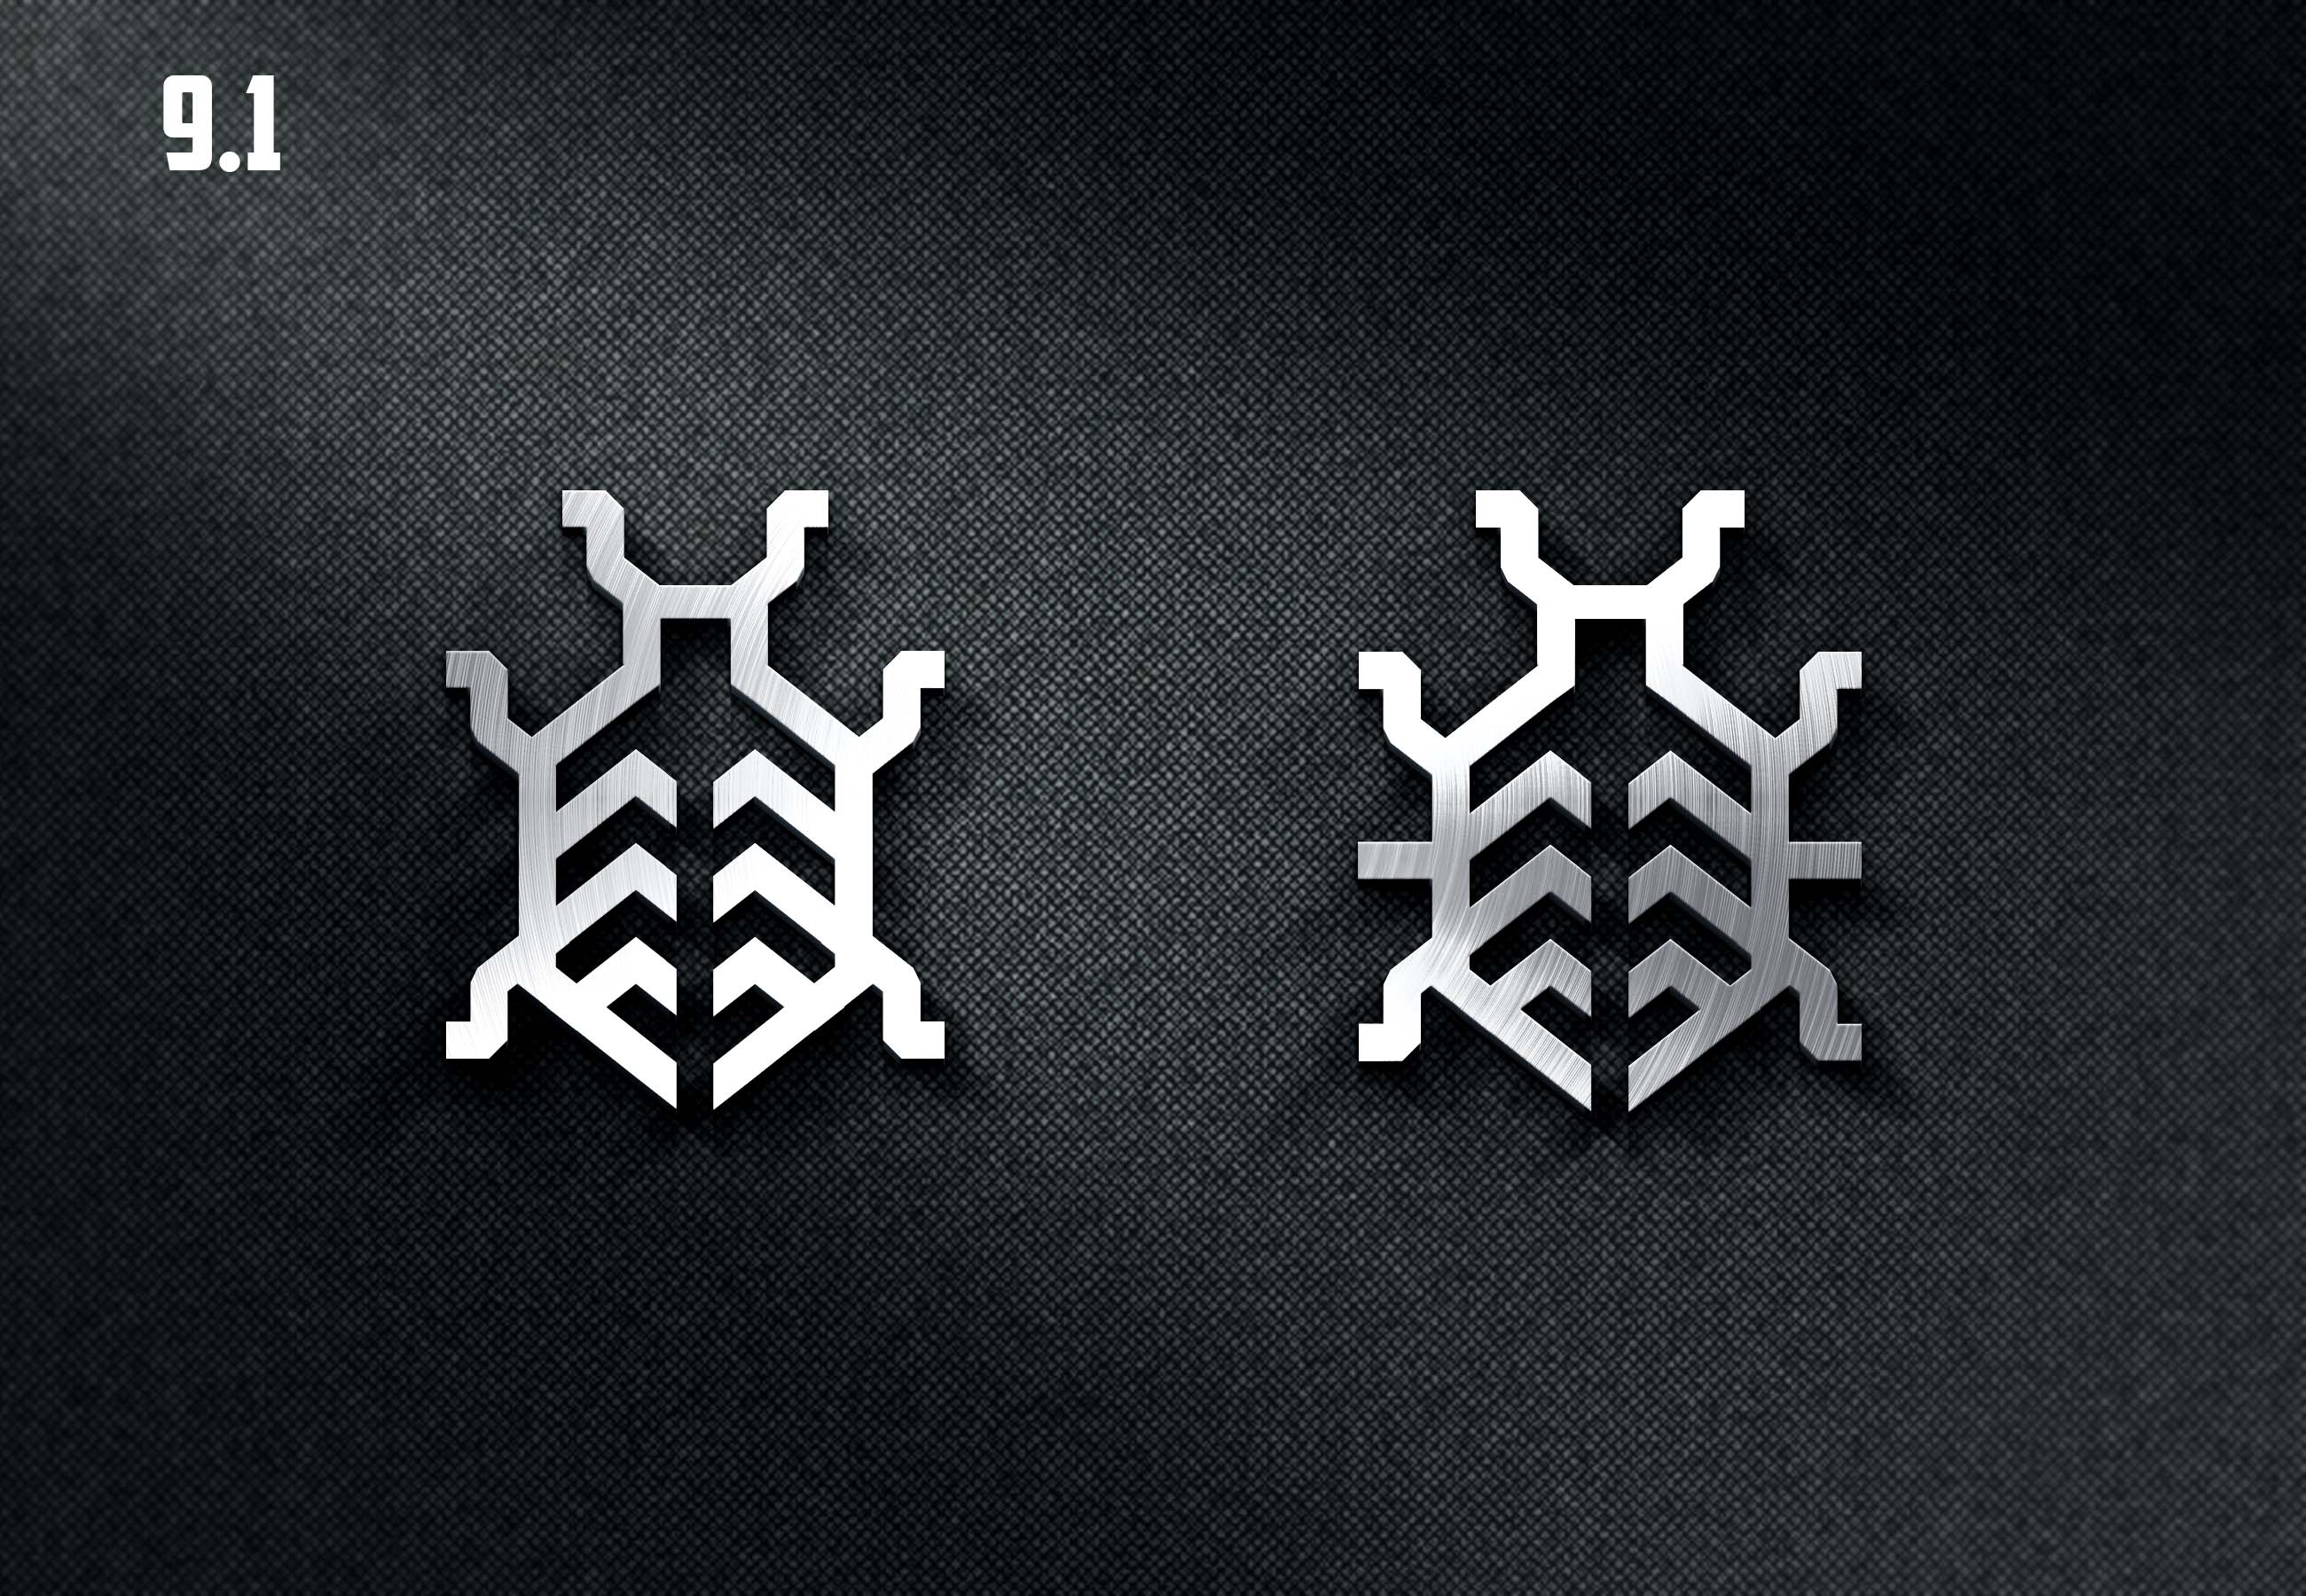 Нужен логотип (эмблема) для самодельного квадроцикла фото f_7085b1033ab0a5ab.jpg